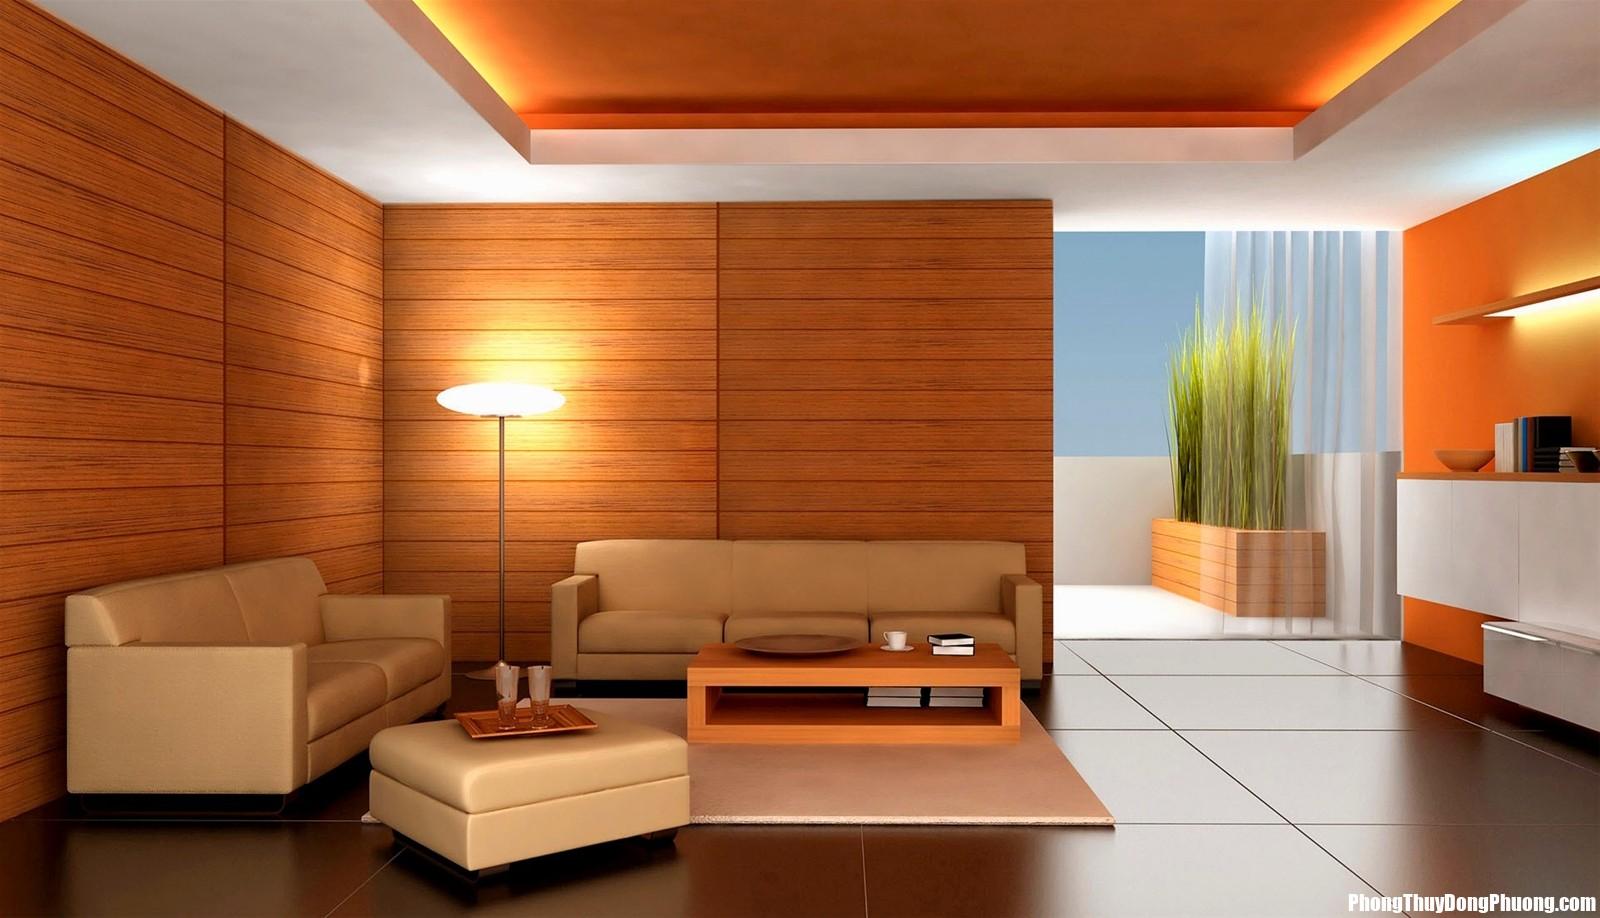 0AB cach bai tri nha o giup chieu tai nap phuc Bí quyết trang trí nhà ở giúp chiêu tài nạp phúc